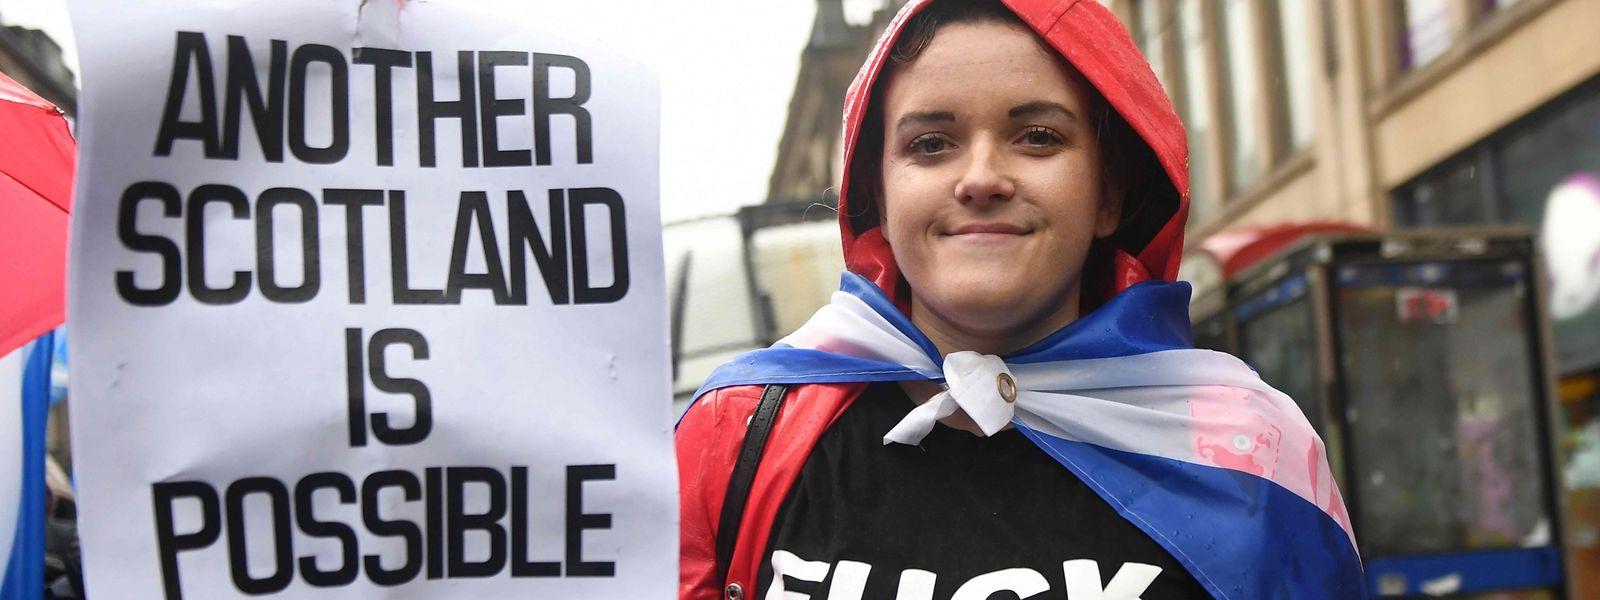 Eine junge Schottin auf einer Demo für die Unabhängigkeit.